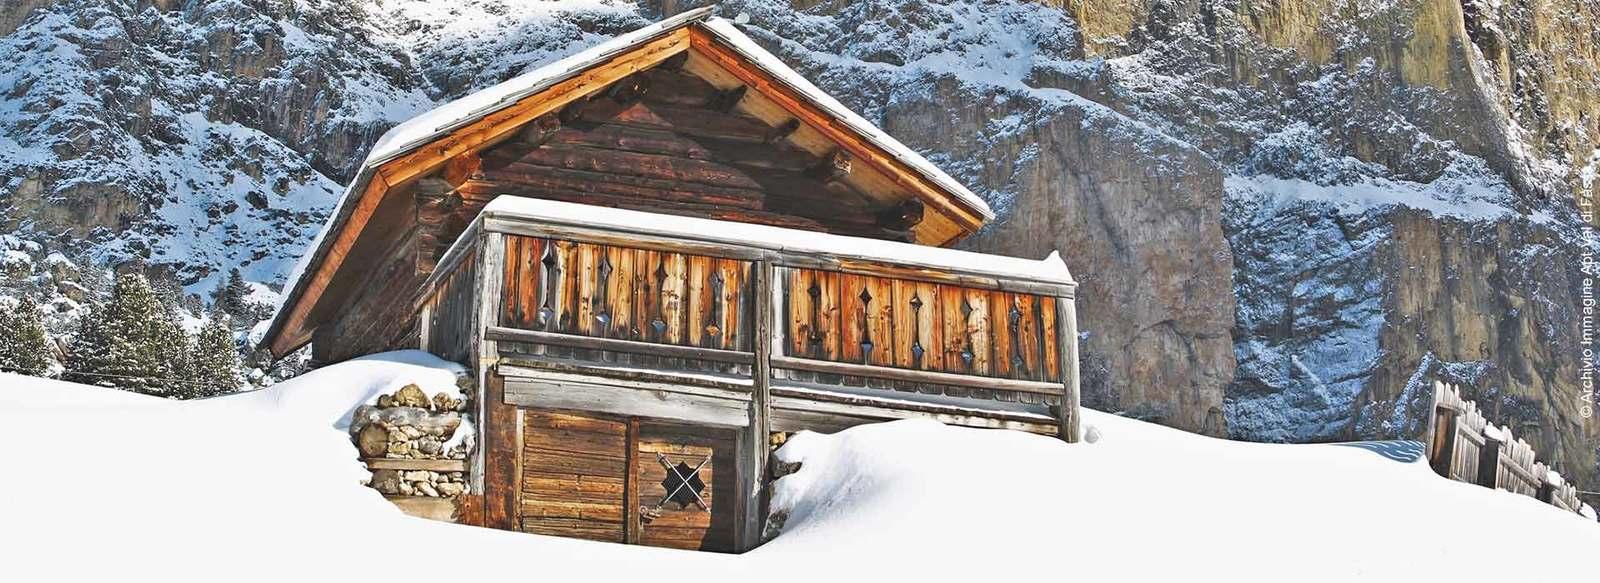 Posizione panoramica in Val di Fassa